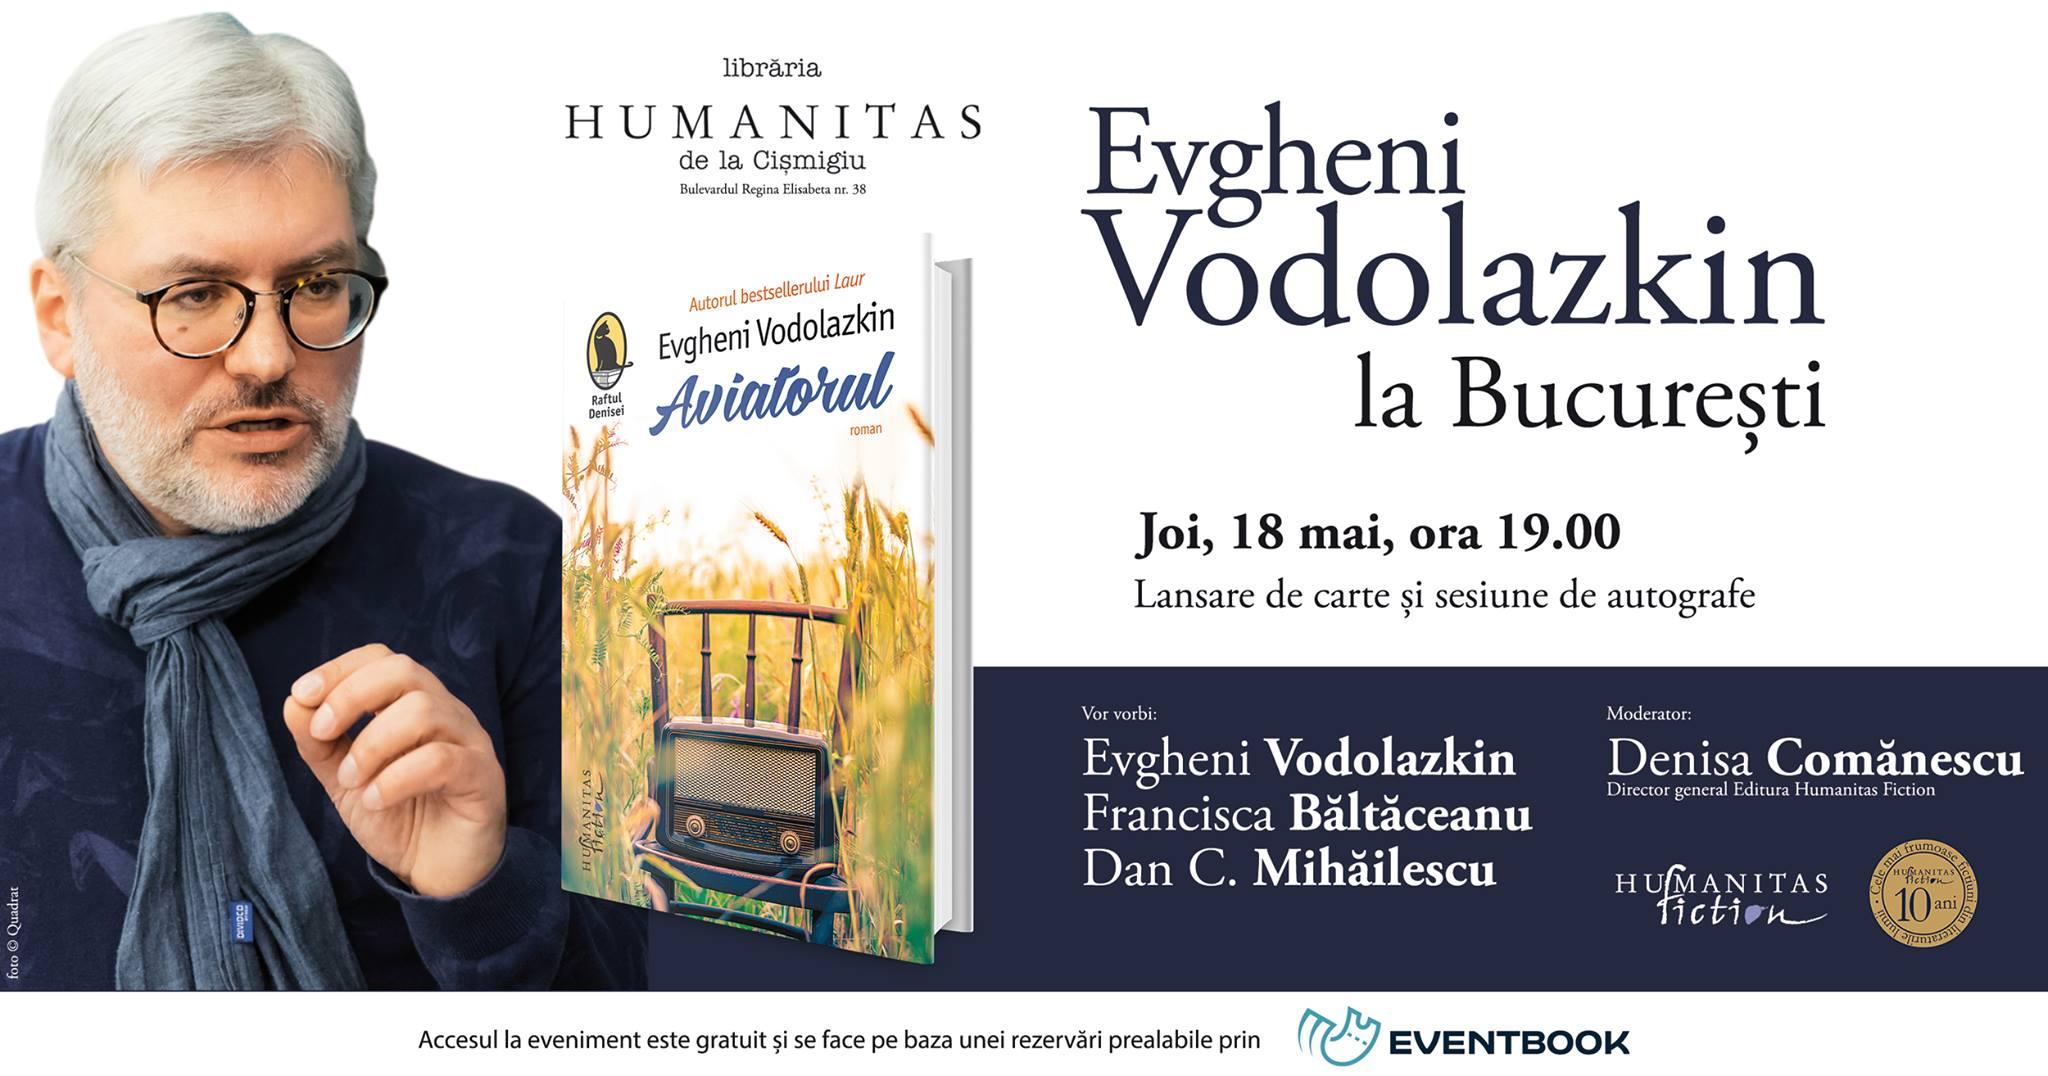 Evgheni Vodolazkin lansează o nouă carte la Bucureşti